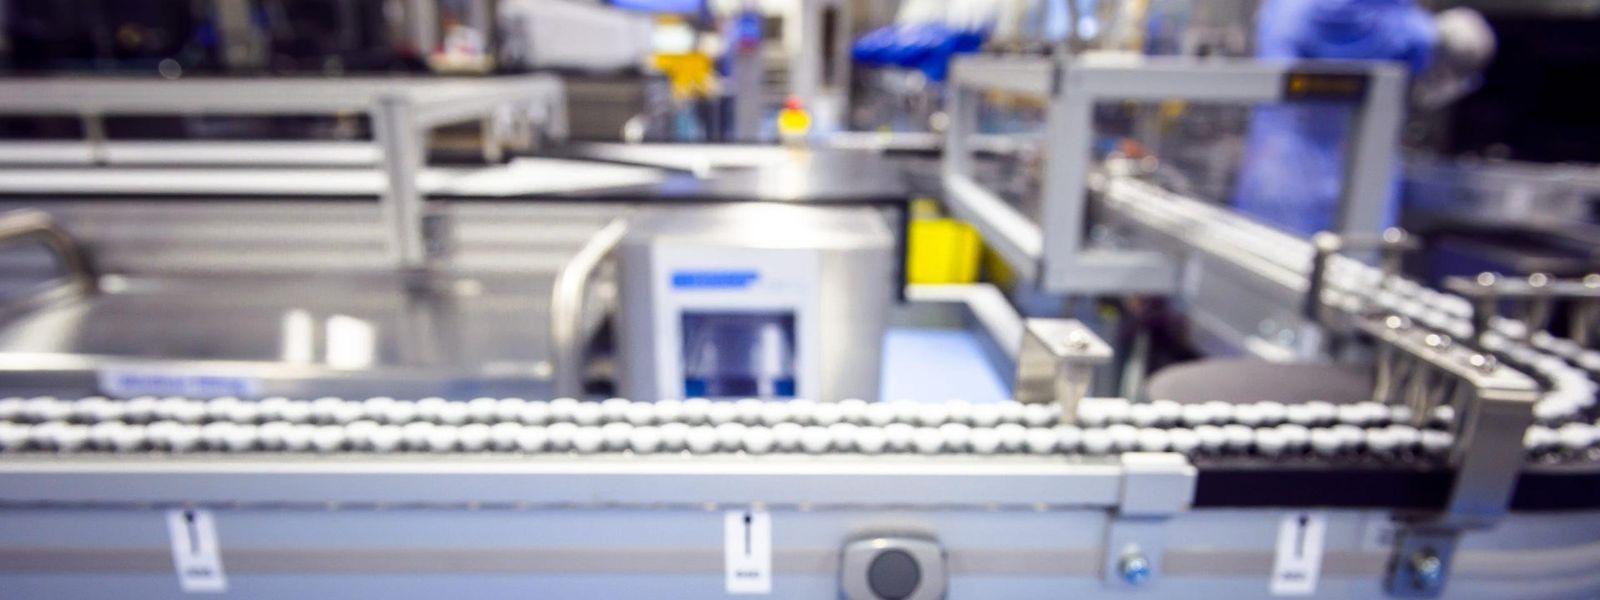 Im belgischen Puurs füllt Pfizer den bislang noch einzigen Corona-Impfstoff von BioNTech ab. Mit Trockeneis verpackt geht es mit dem Kleintransporter nach Luxemburg.